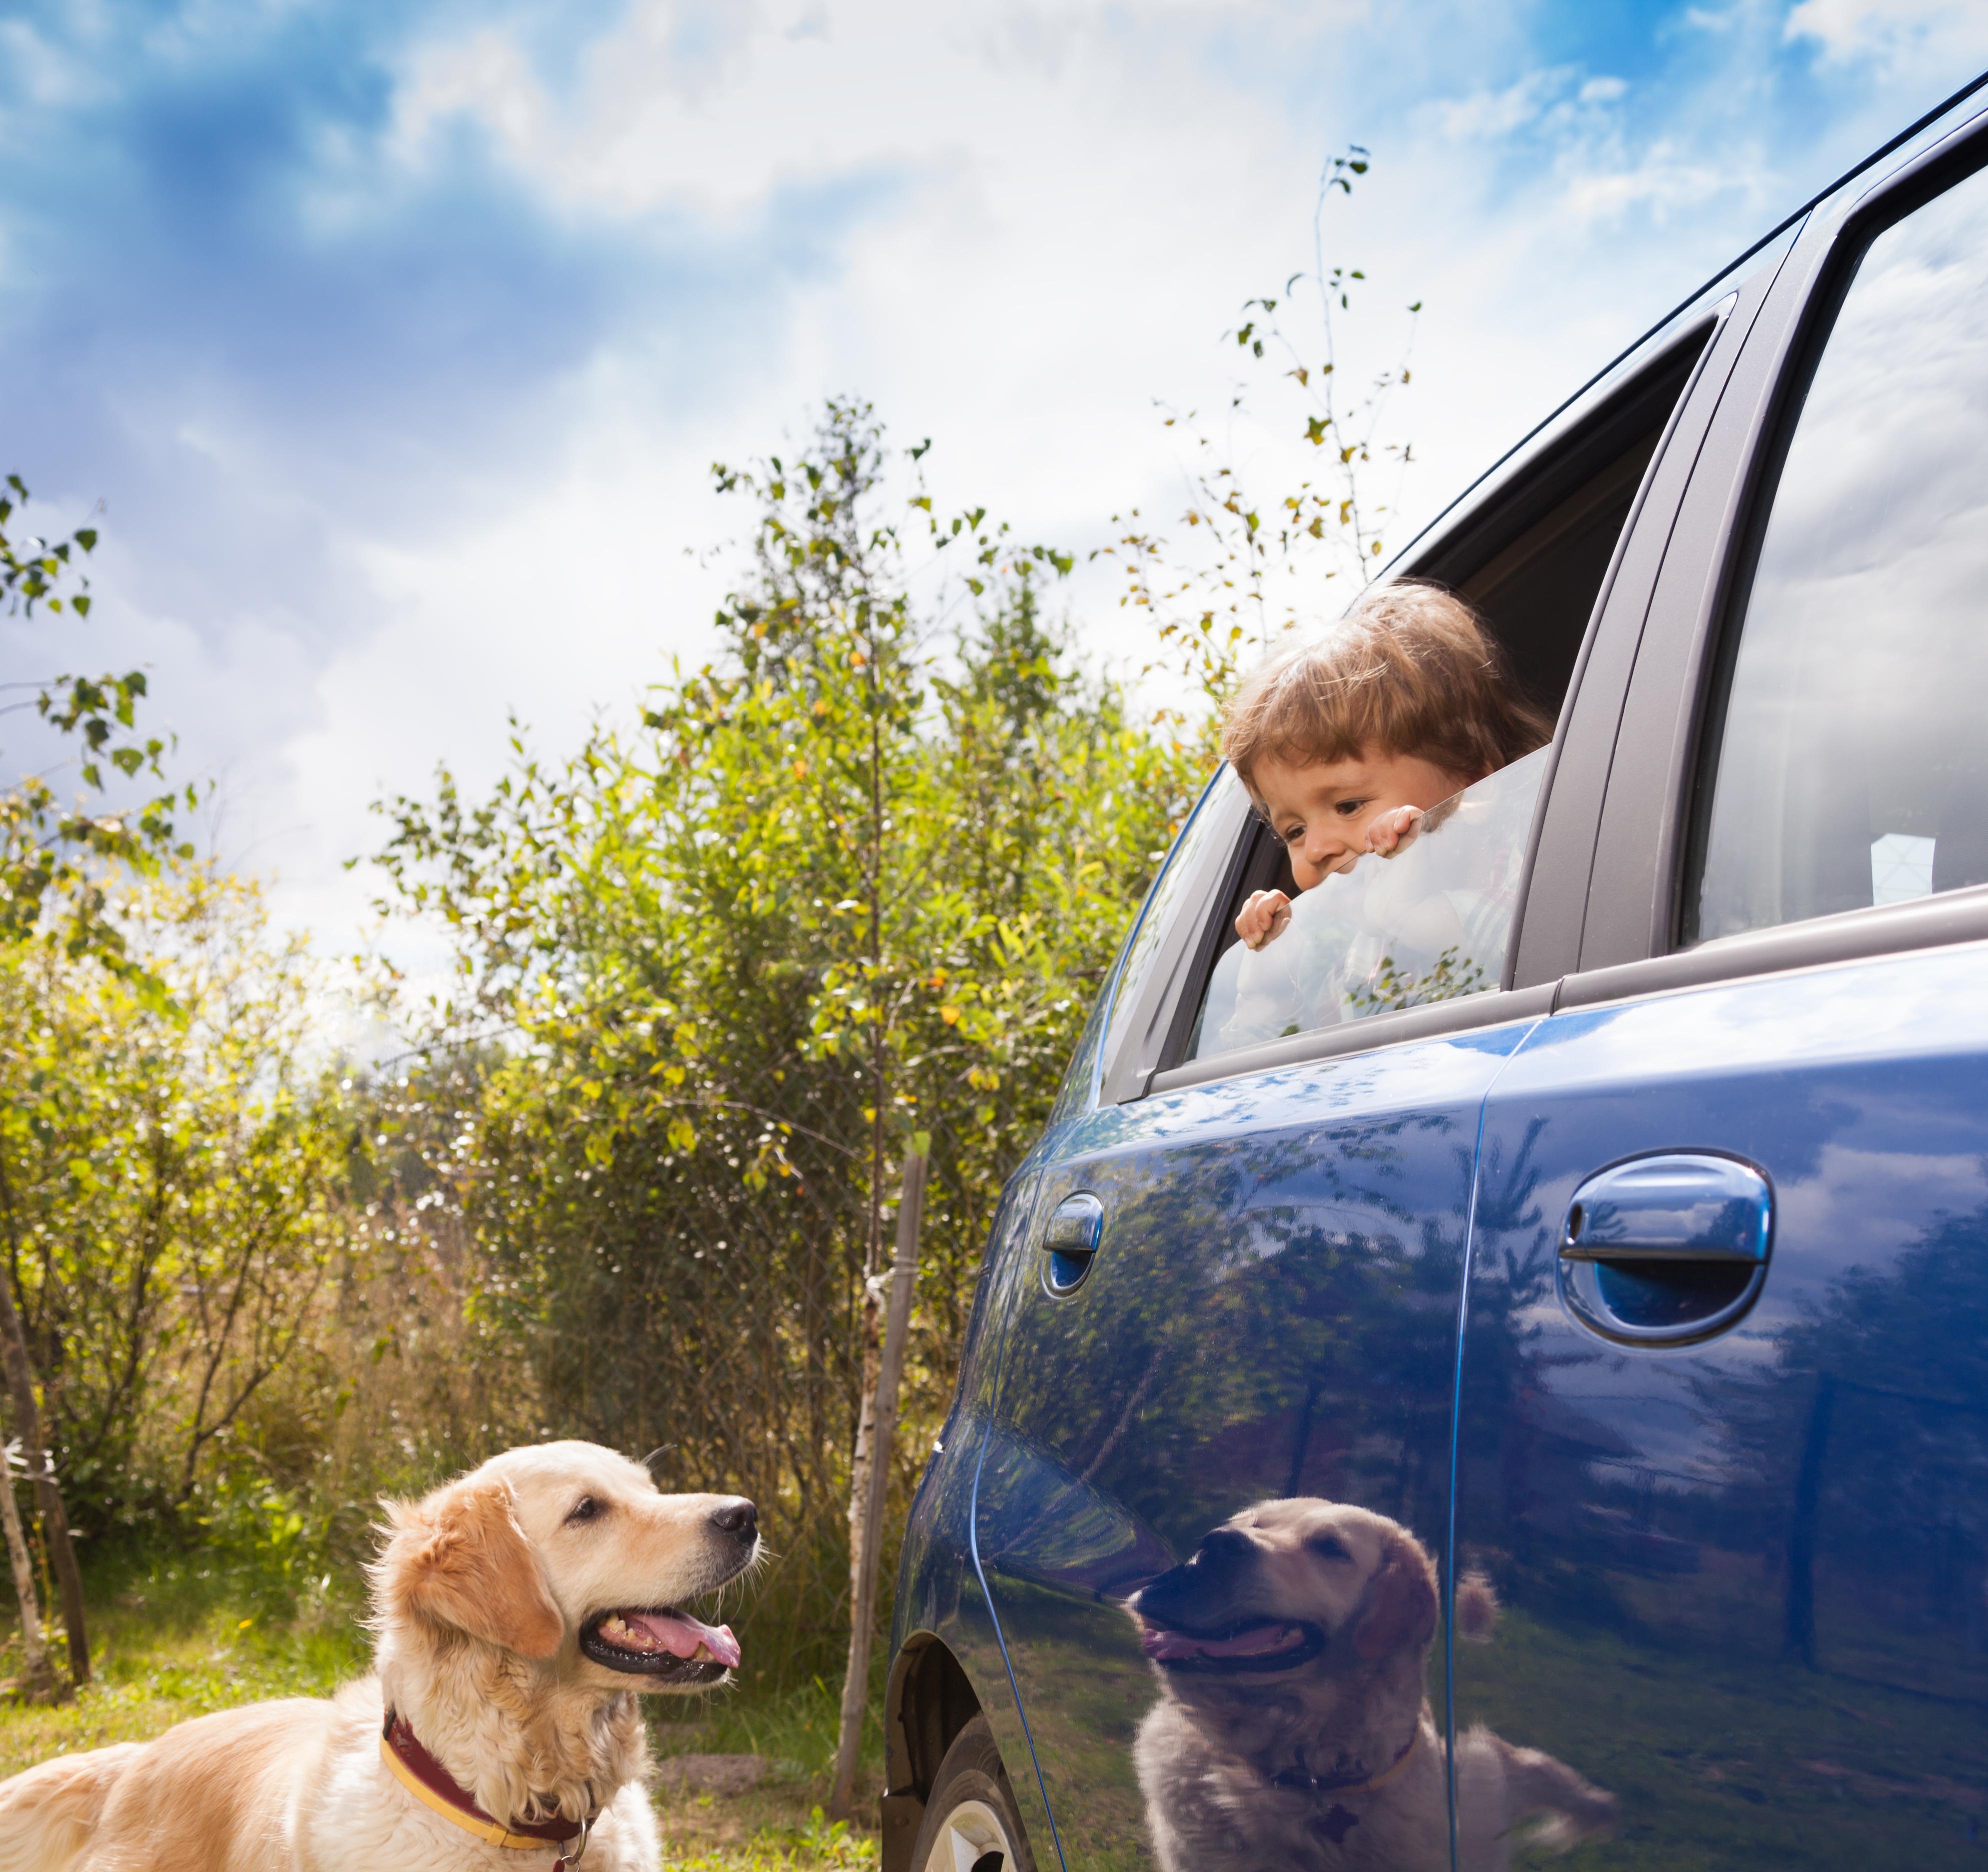 shutterstock_114340972 kopiera värmeslag hälsa medicin välbefinnande djurens hälsa barnens hälsa doktorn ohälsa kopiera.jpg